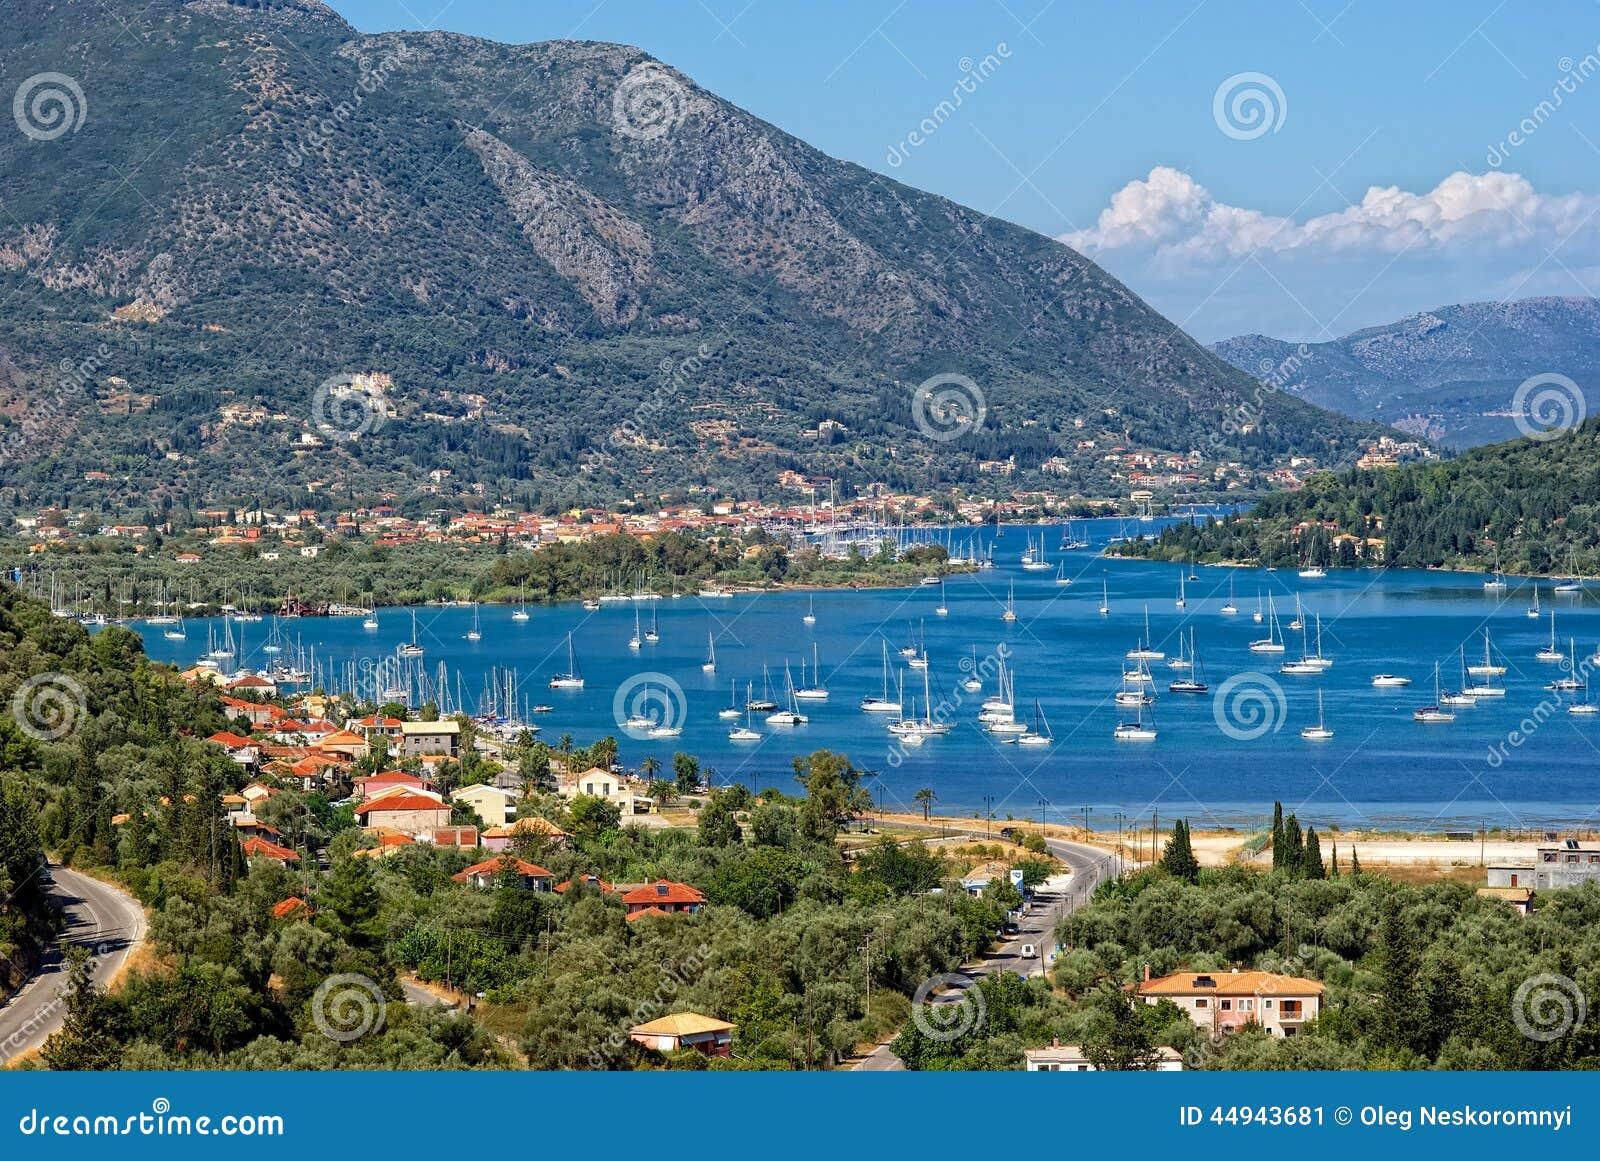 Porto nelle montagne del fondo, l'isola di Nidri di Leucade, Grecia.